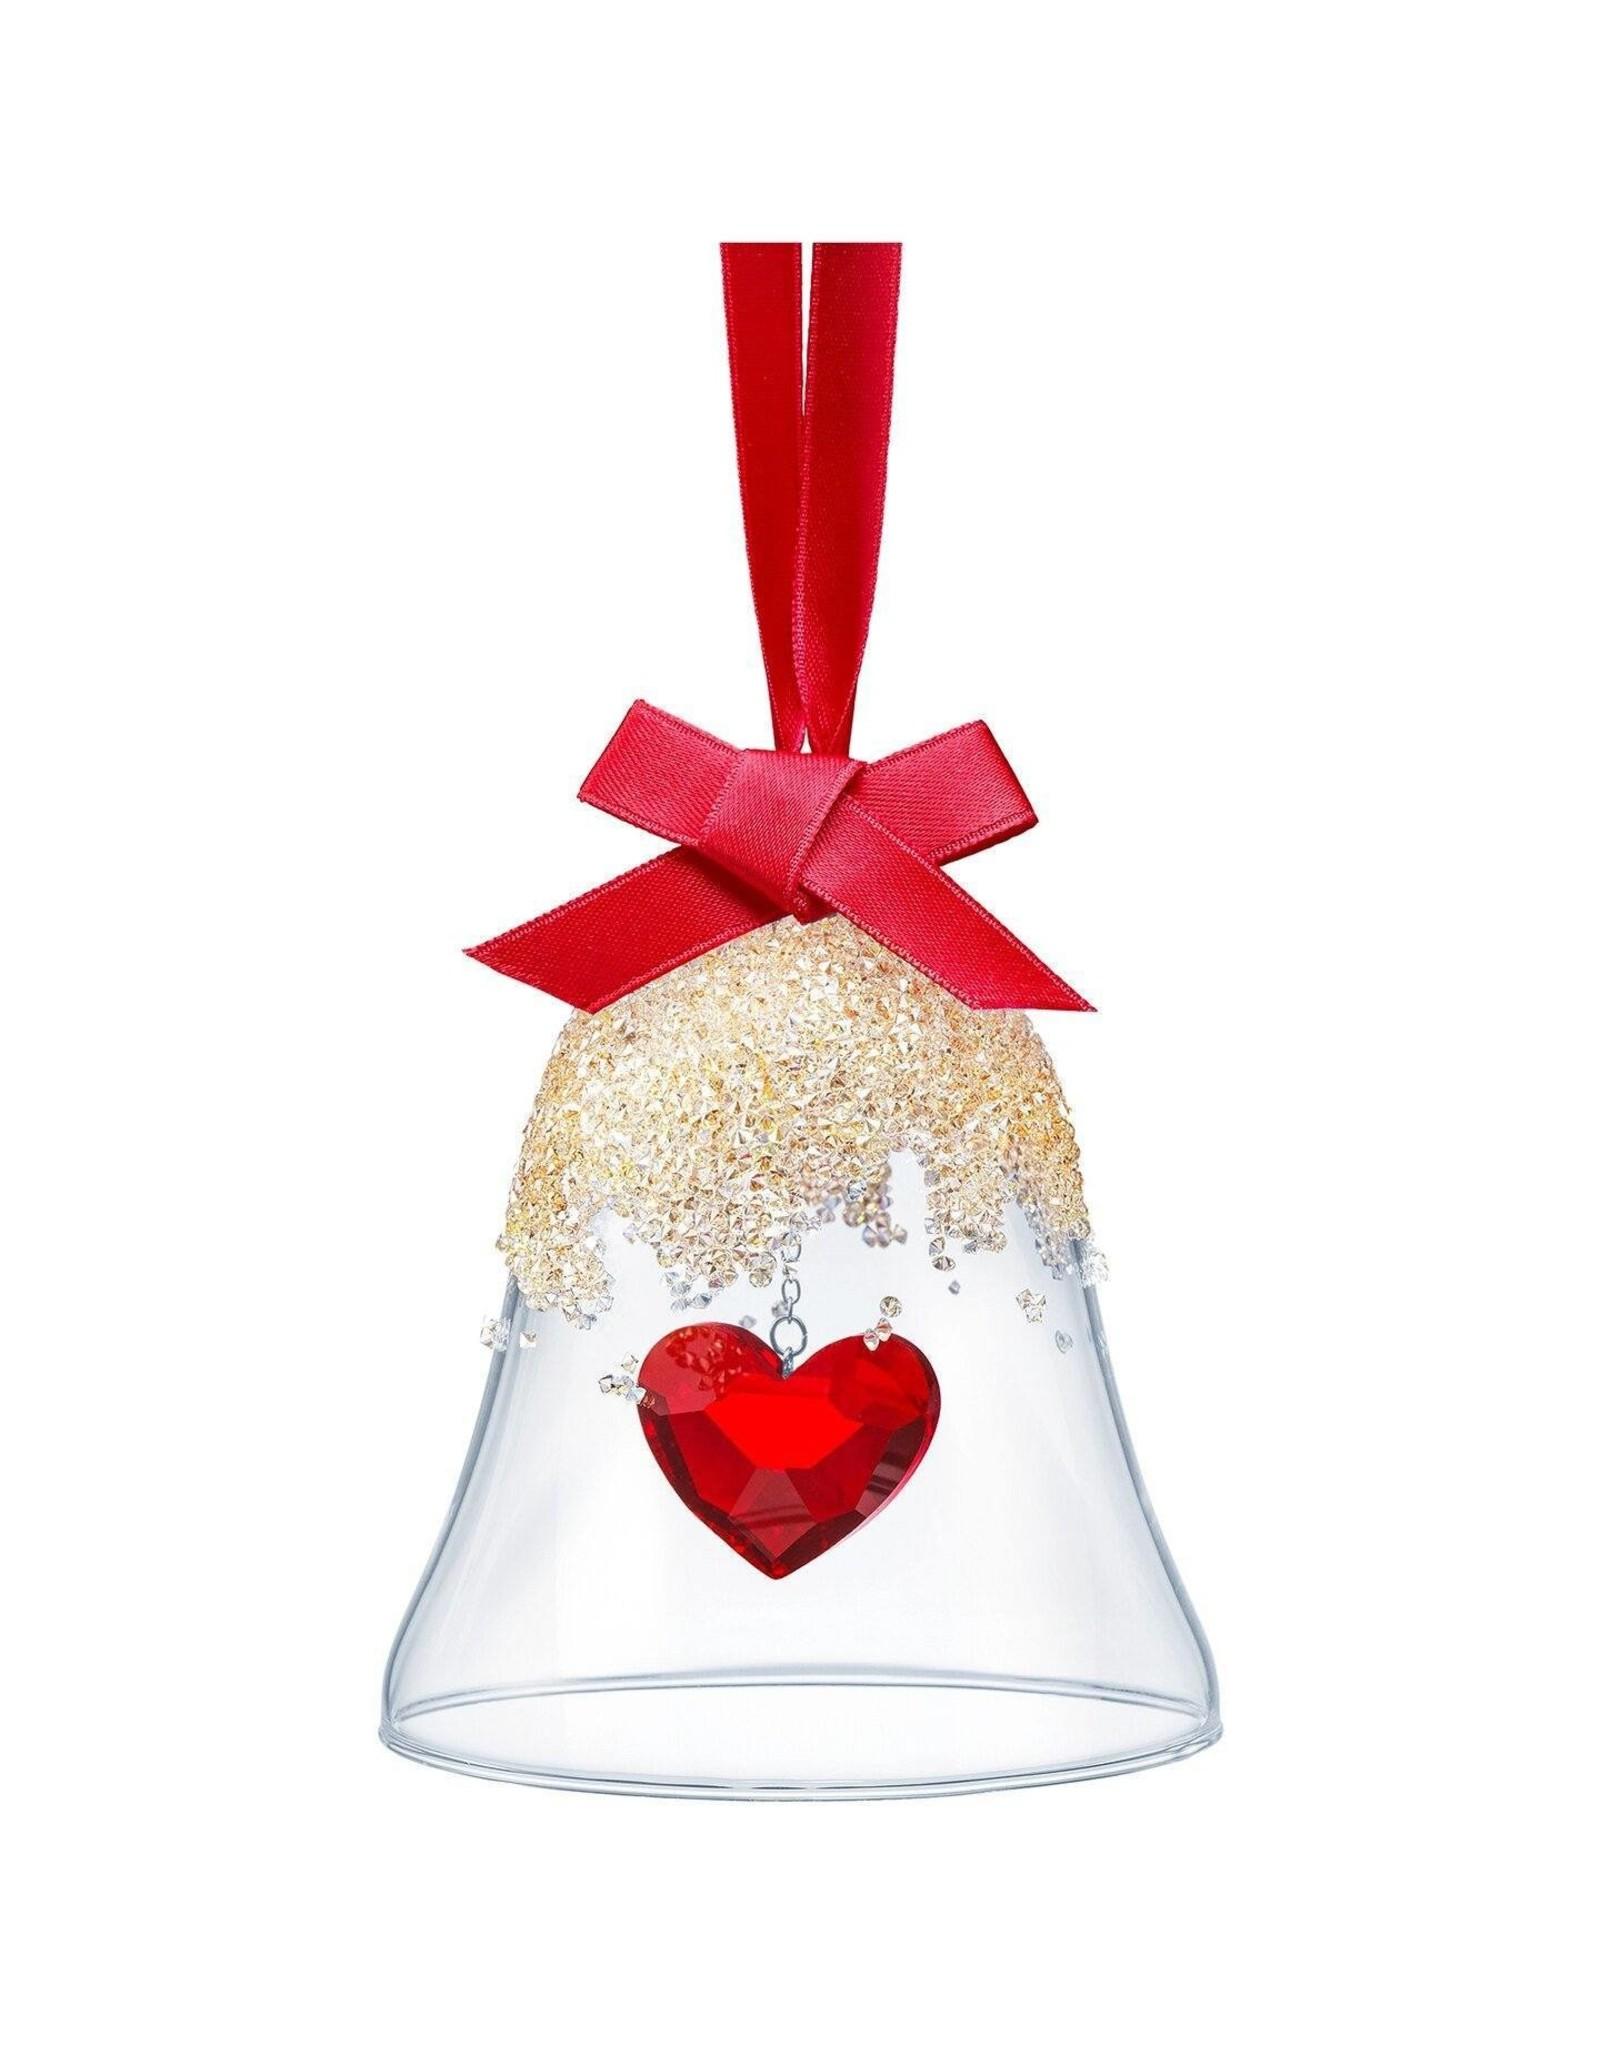 Swarovski Swarovski Christmas Bell Heart Ornament